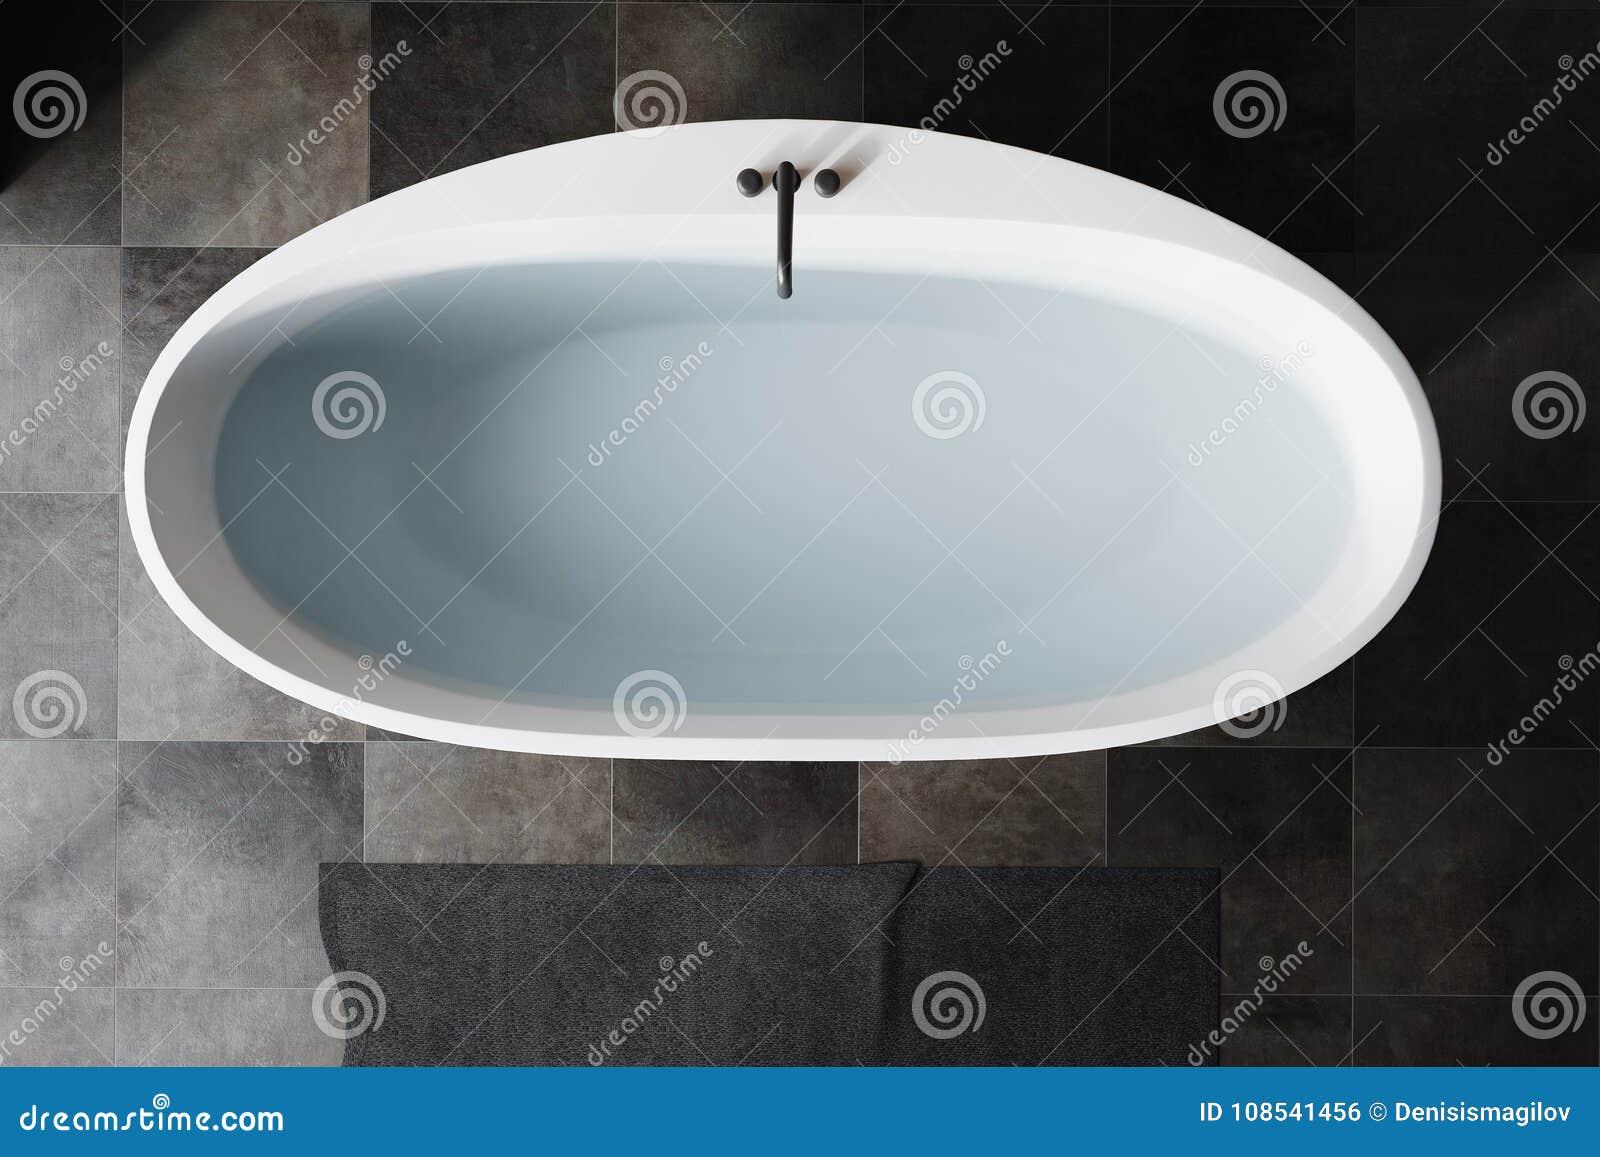 Vasca Da Bagno Nera : Vista superiore della vasca bianca nera del bagno illustrazione di